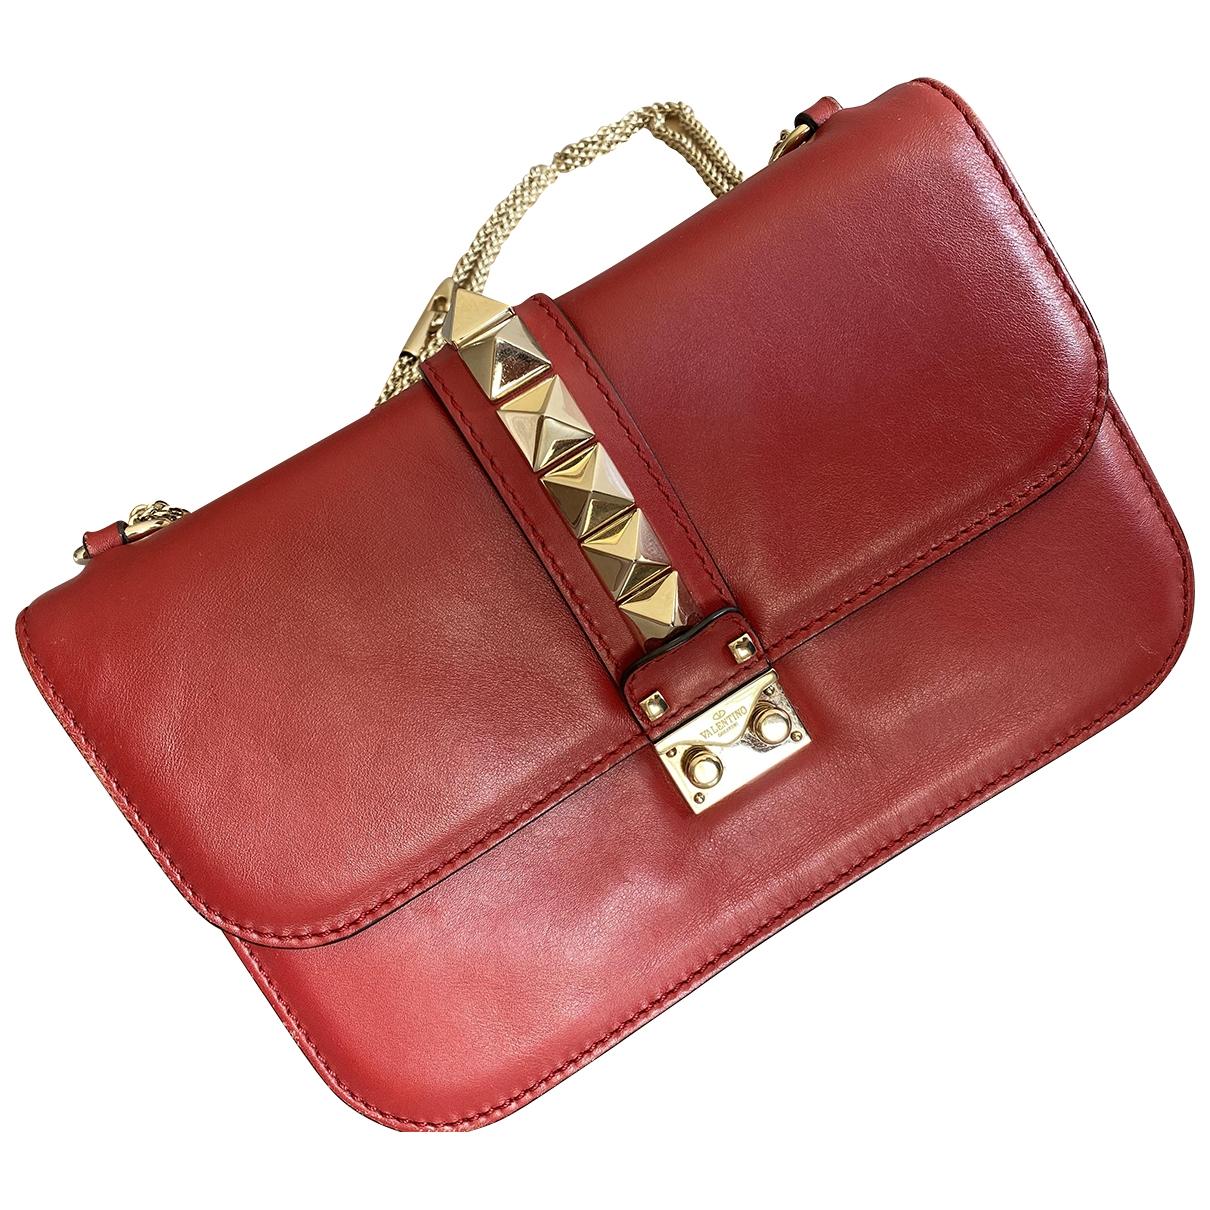 Valentino Garavani - Sac a main Glam Lock pour femme en cuir - rouge